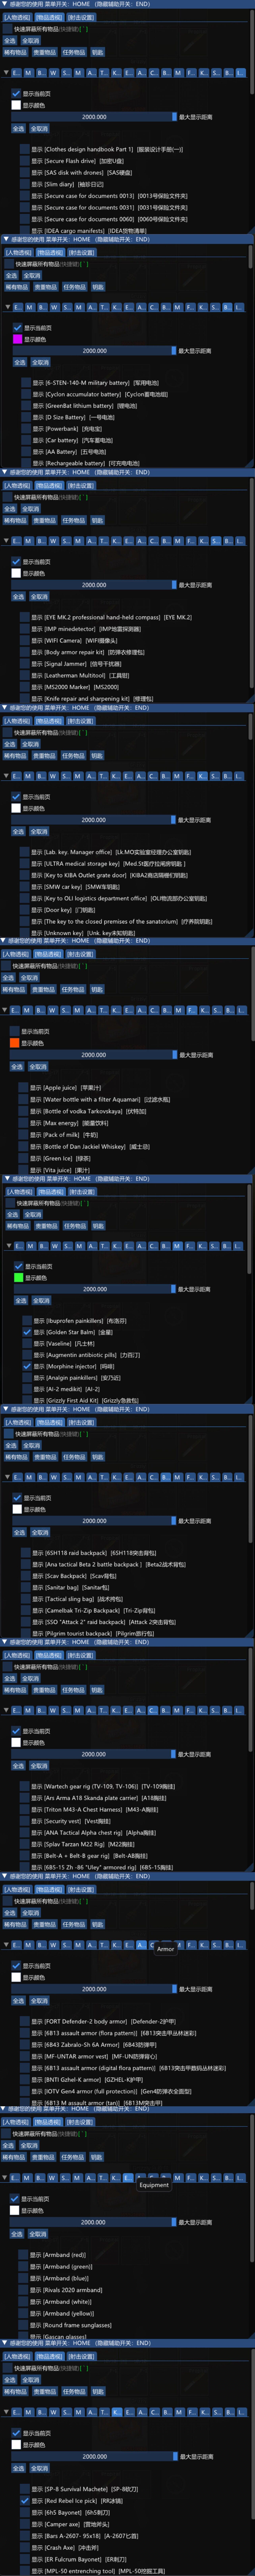 【逃离塔科夫辅助】维克托 透视 追踪 无后座 自定义物品显示 自带机器码(图1)